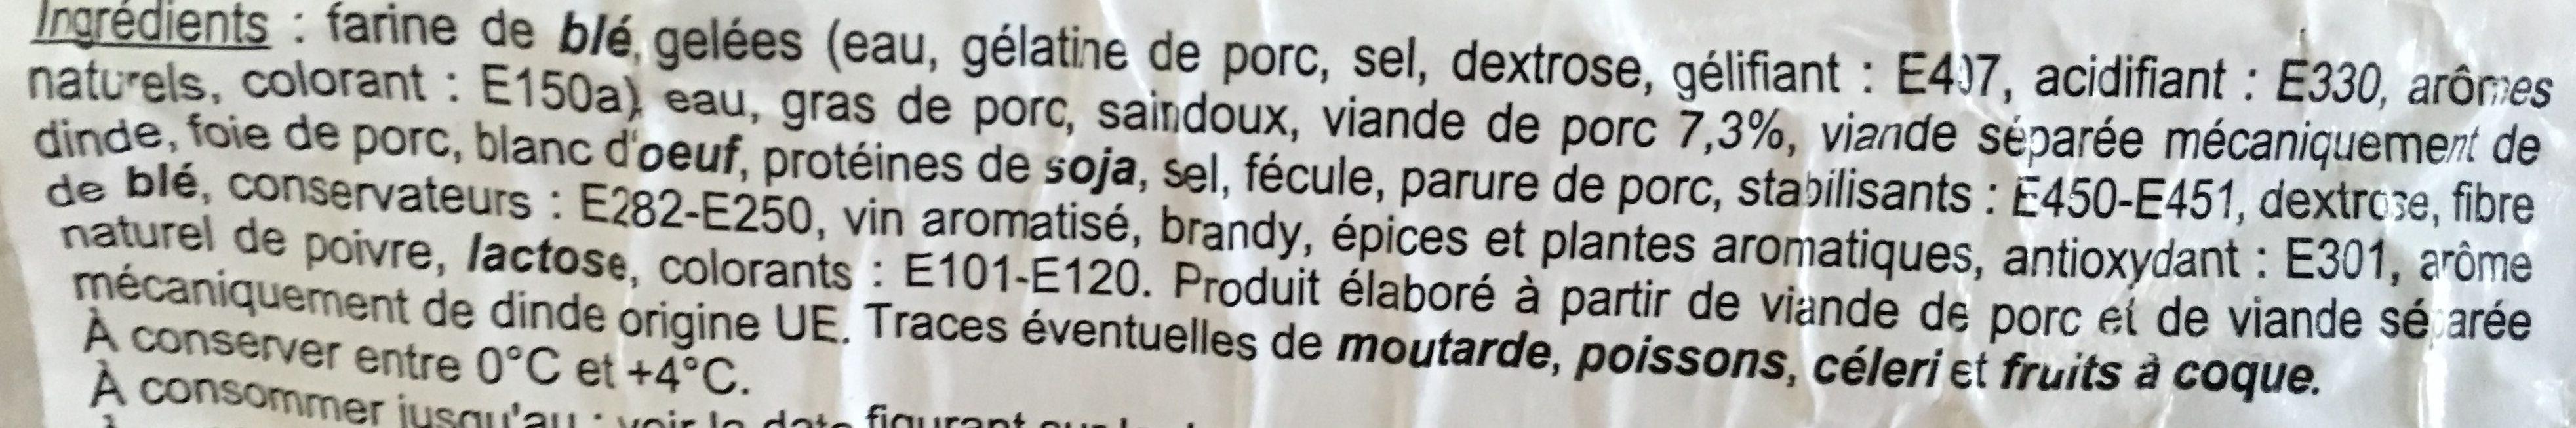 Le Cocktail - Pâté en Croûte - Ingrédients - fr